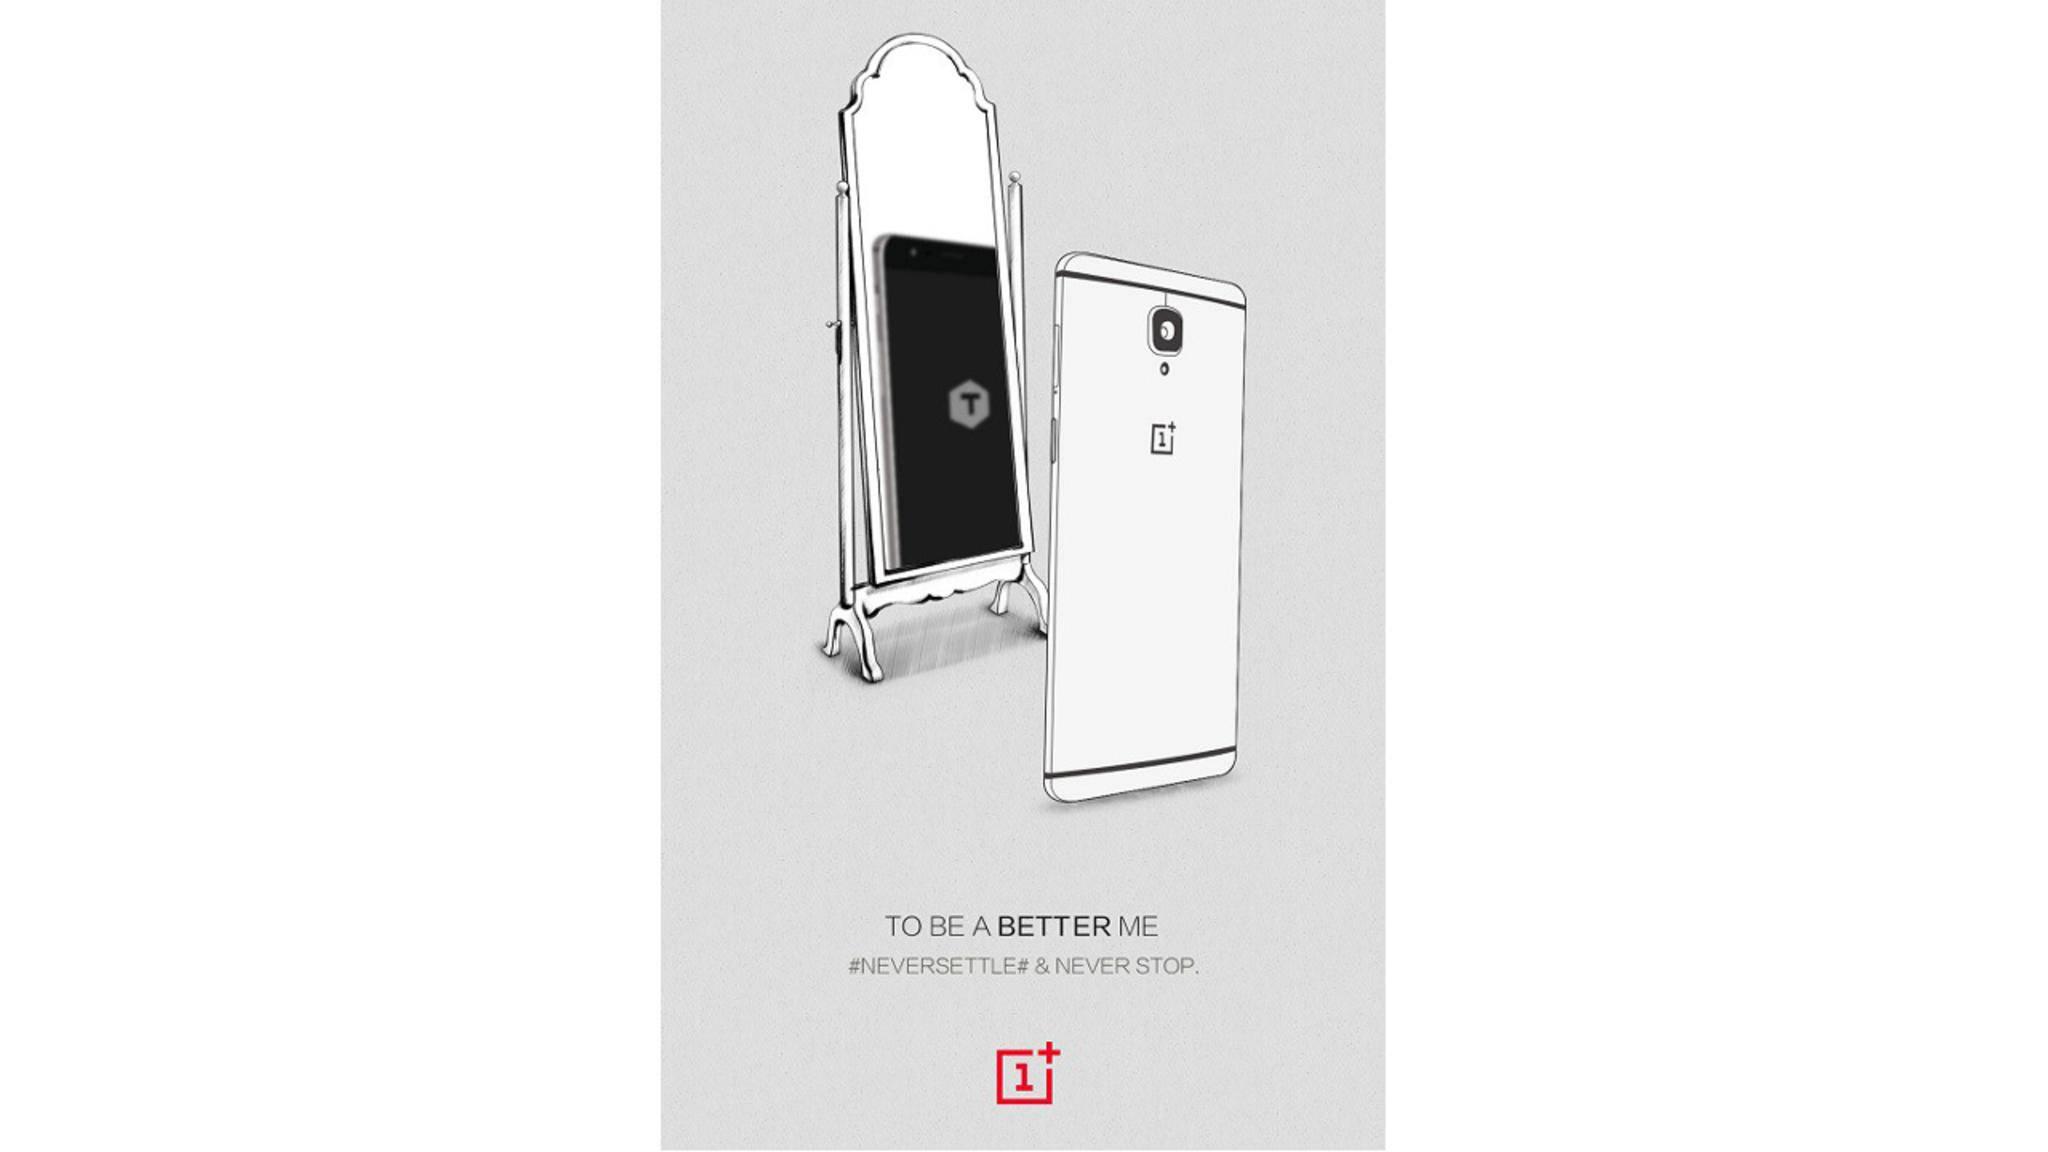 Das OnePlus 3 bekommt mit dem OnePlus 3T einen Nachfolger